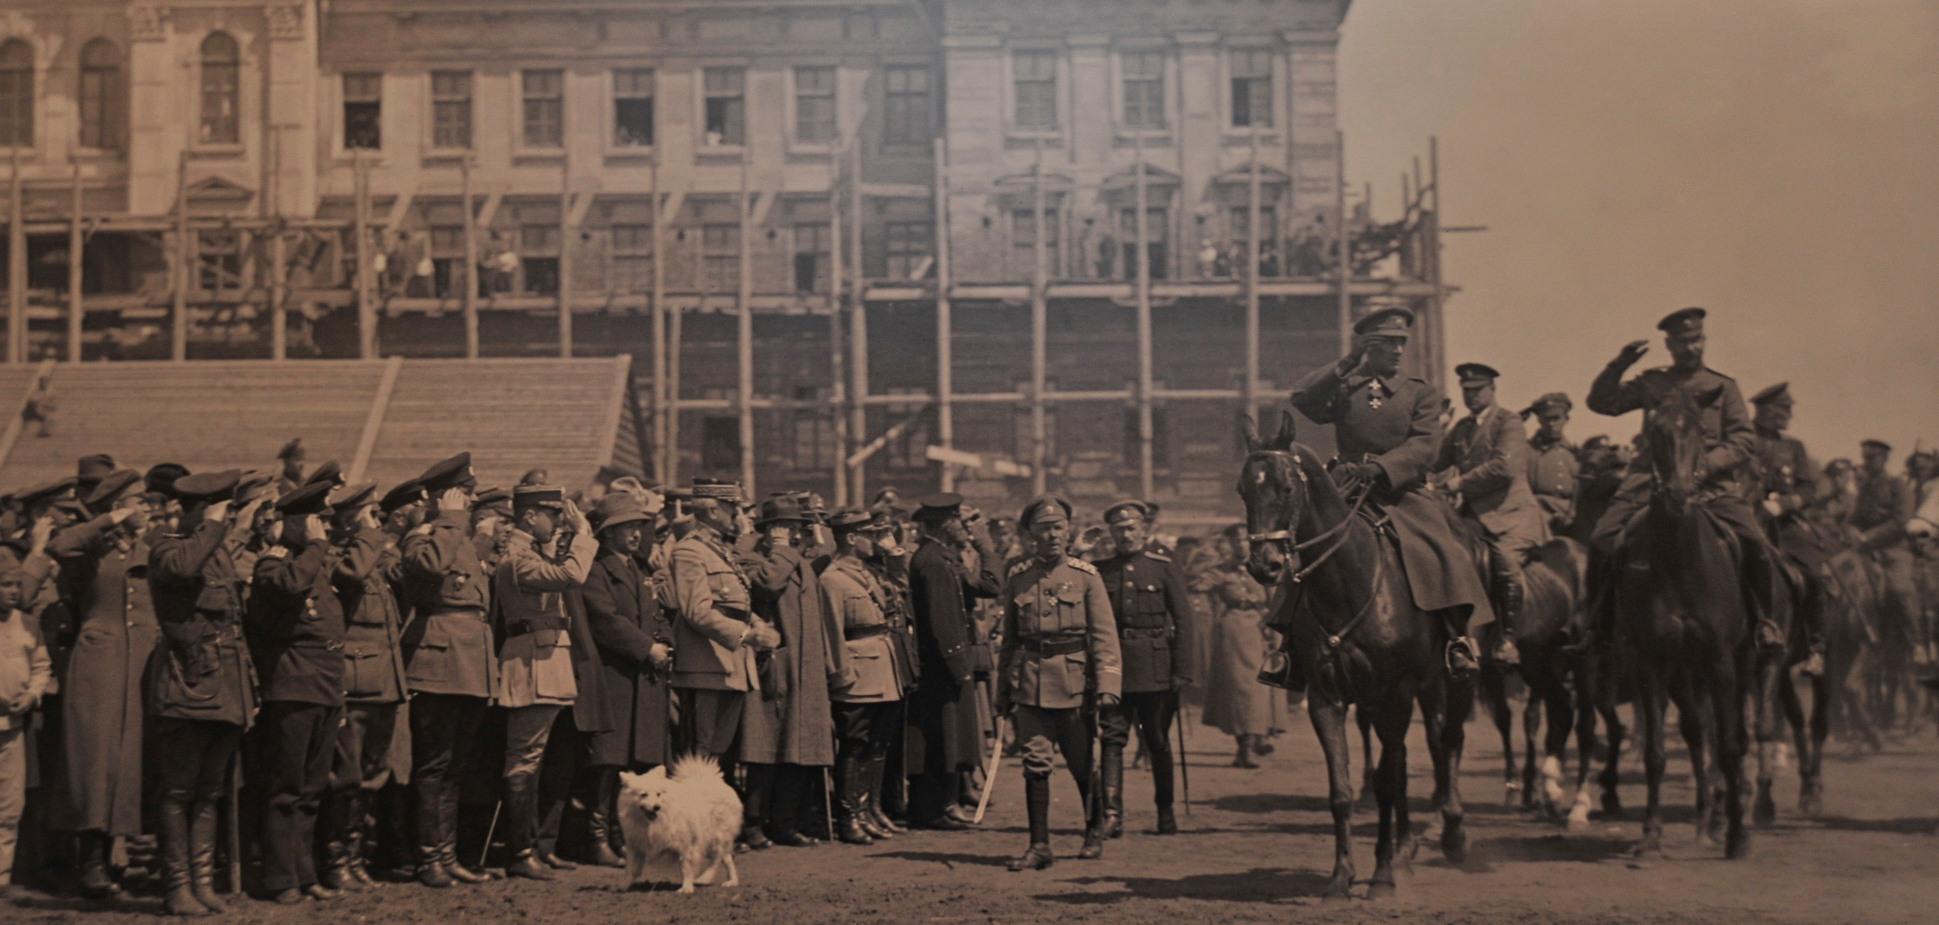 Верховный правитель России А.В.Колчак. Смотр русской армии, Омск, 1919 г.